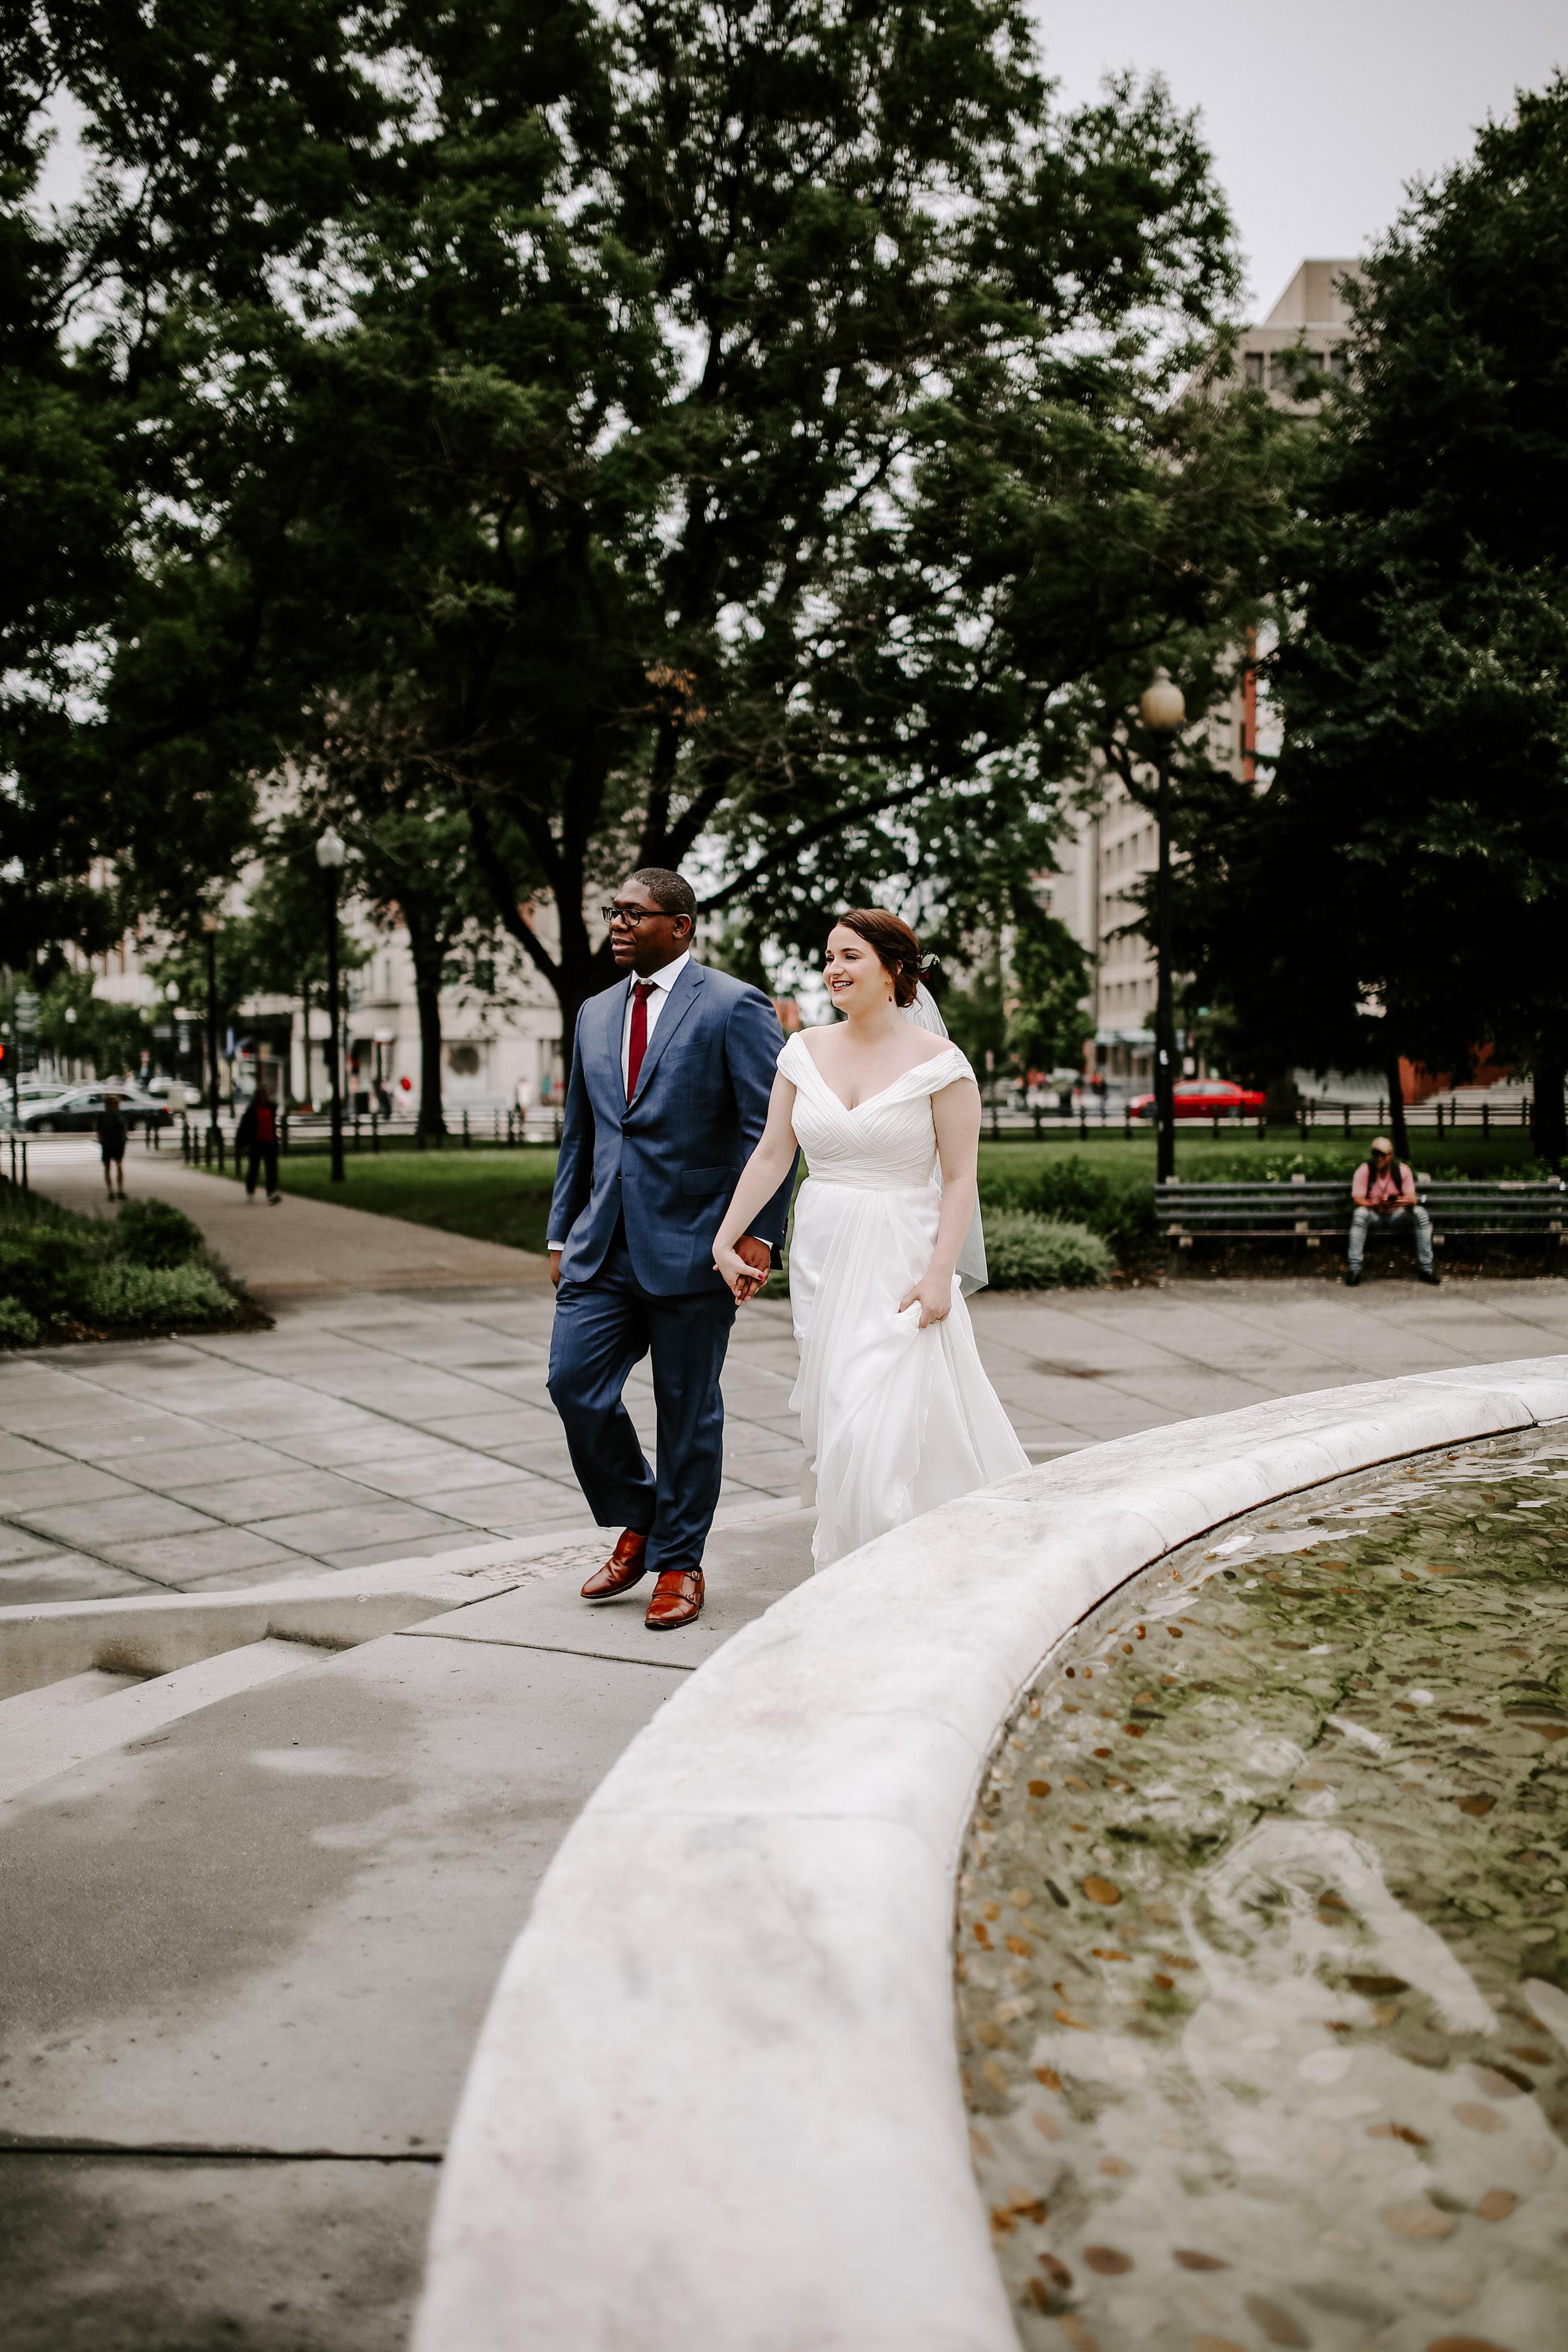 SarahRon_Married_2018-57.jpg